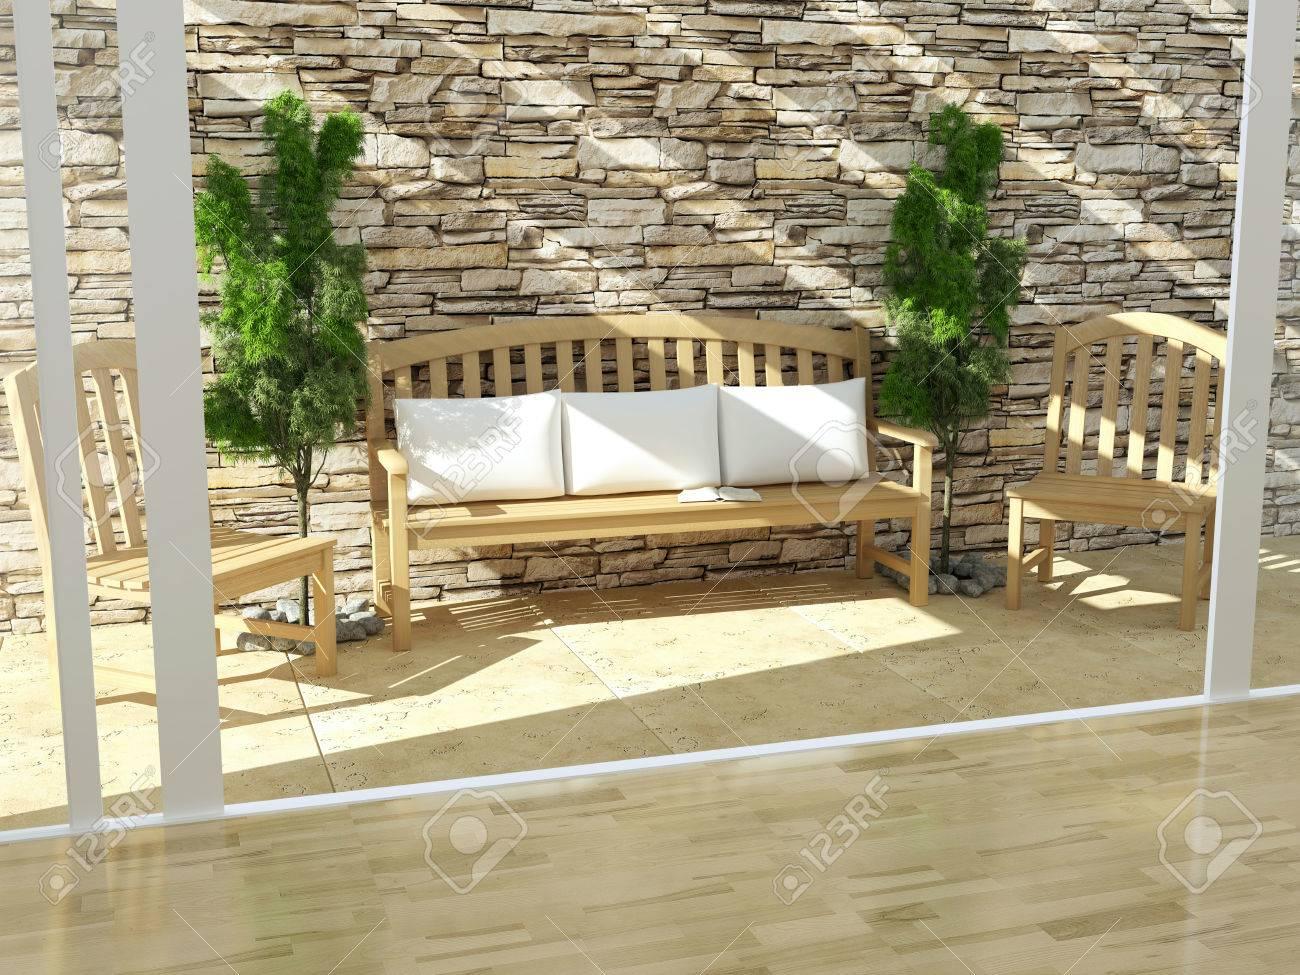 Schöne Offene Terrasse Mit Holzmöbeln Und Steinwand Exterieur Design